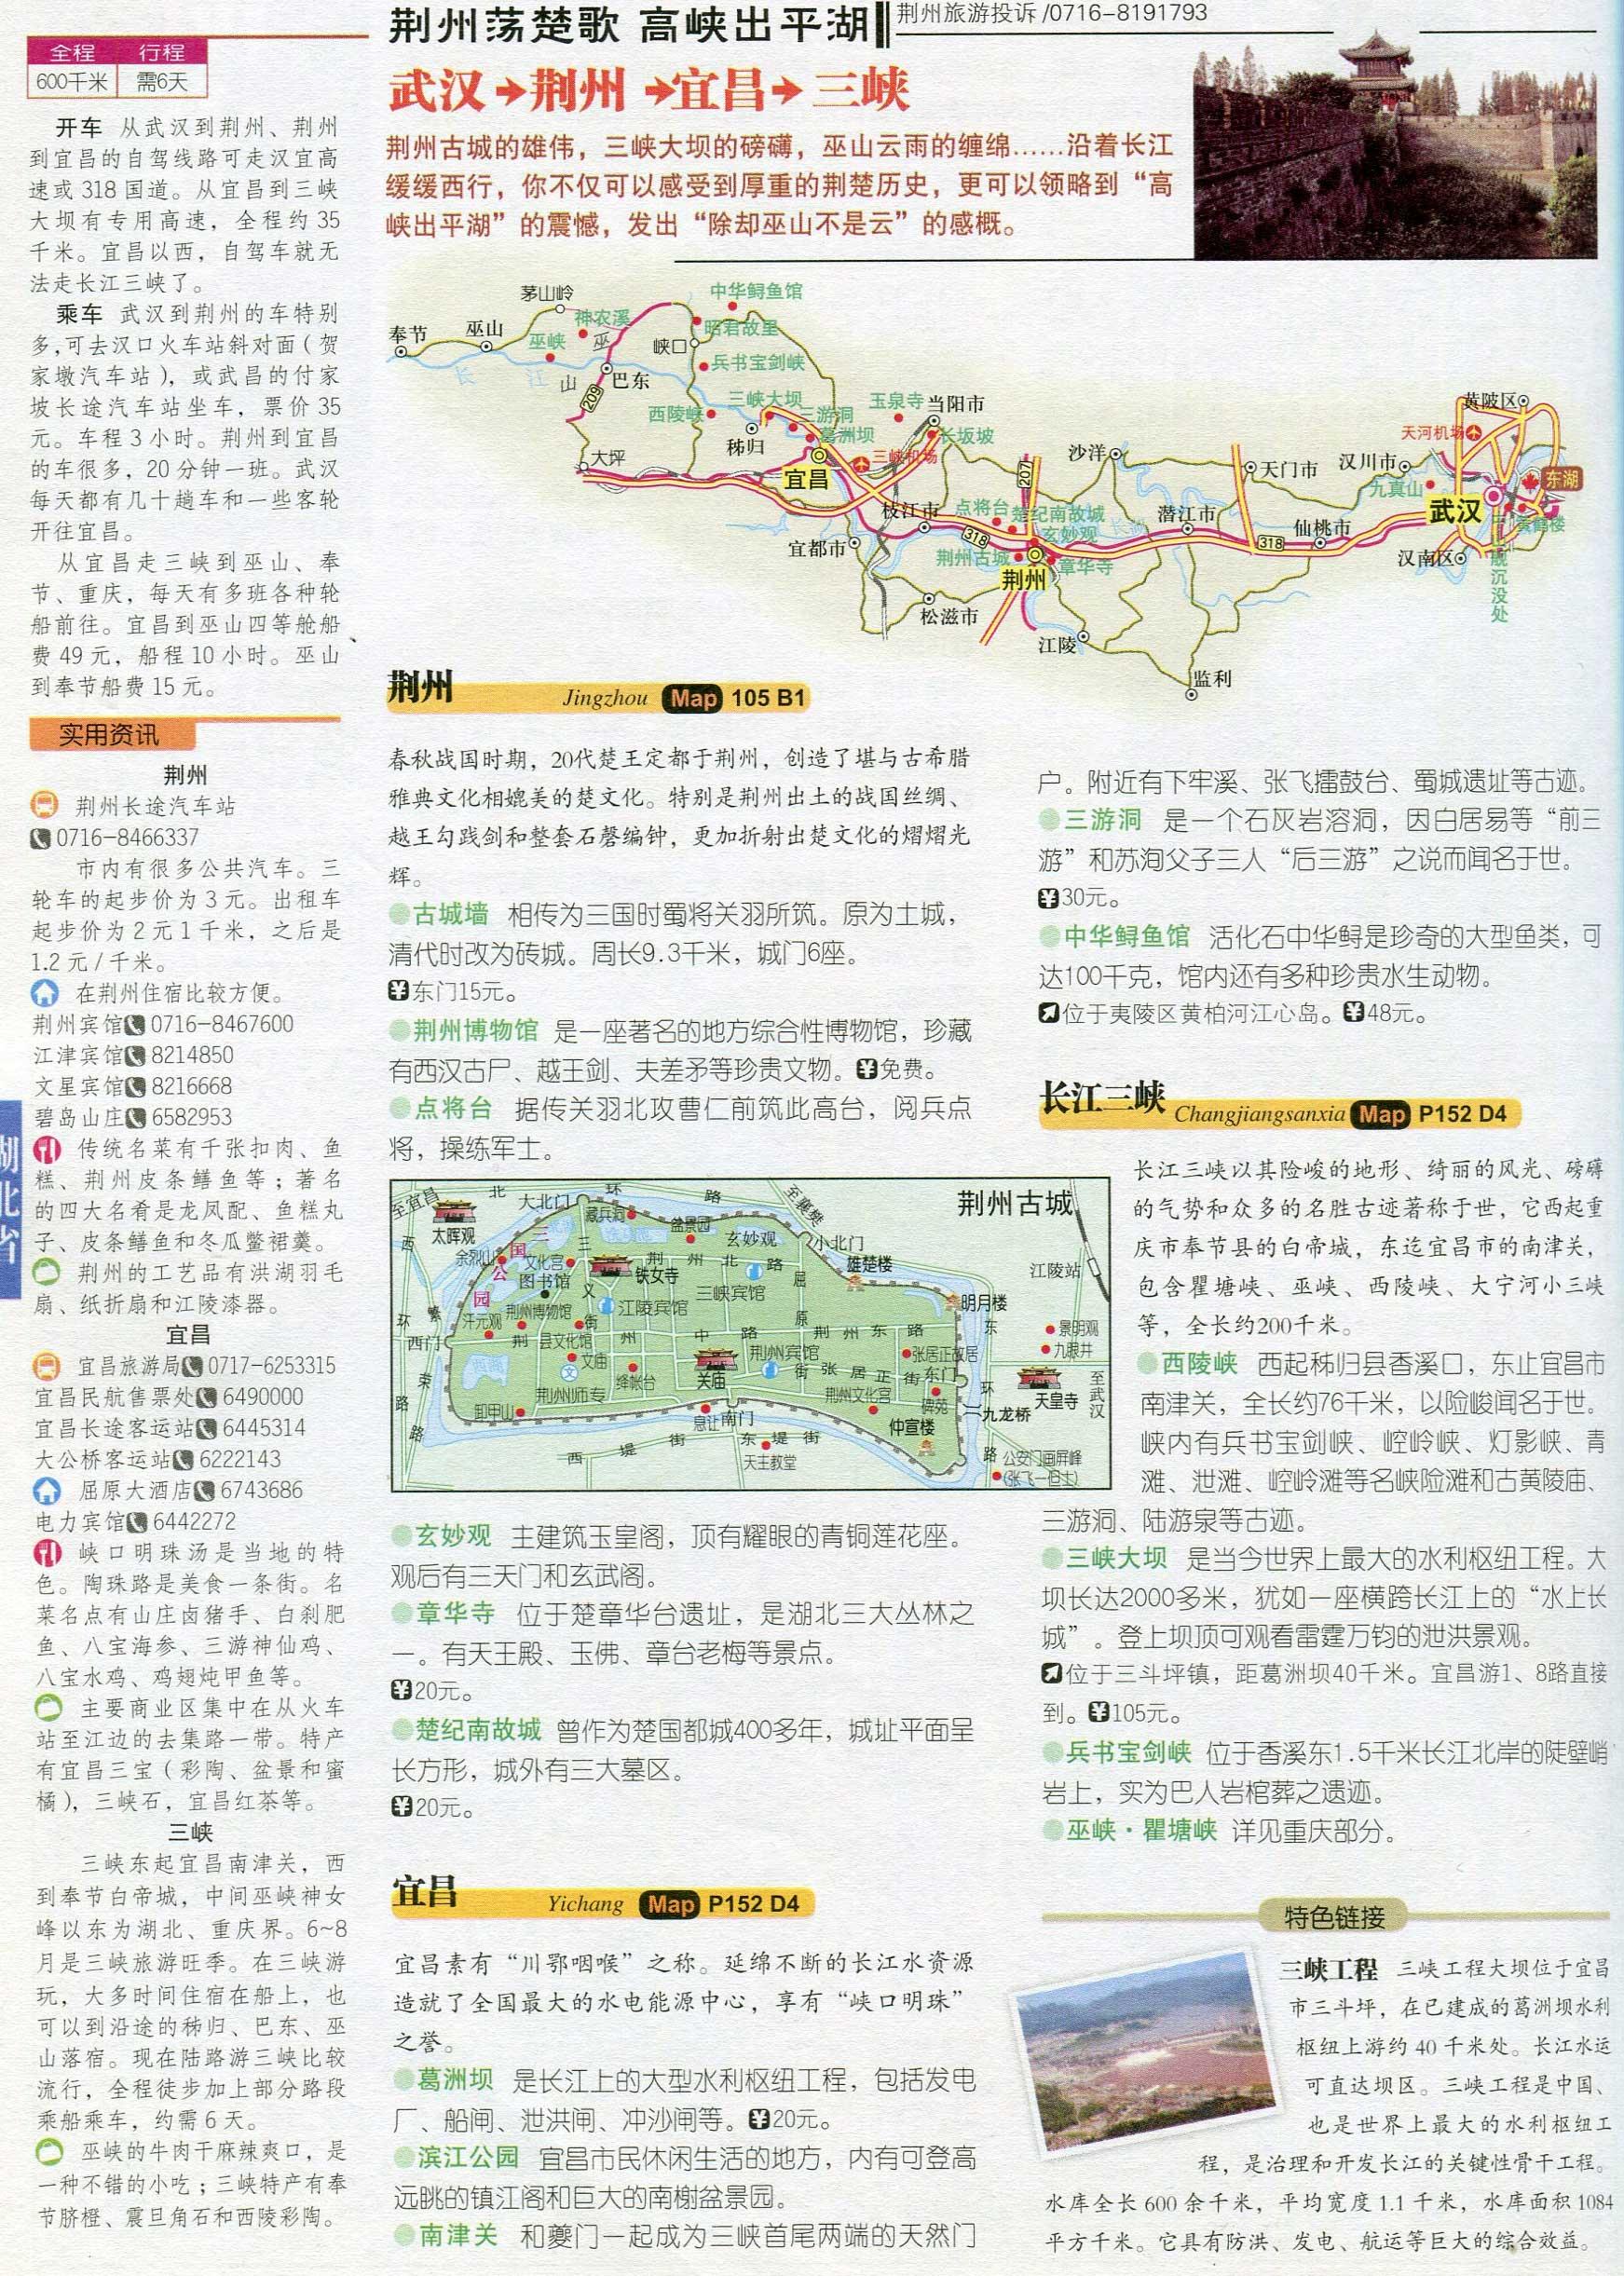 湖北旅游线路图 武汉荆州宜昌三峡高清图片